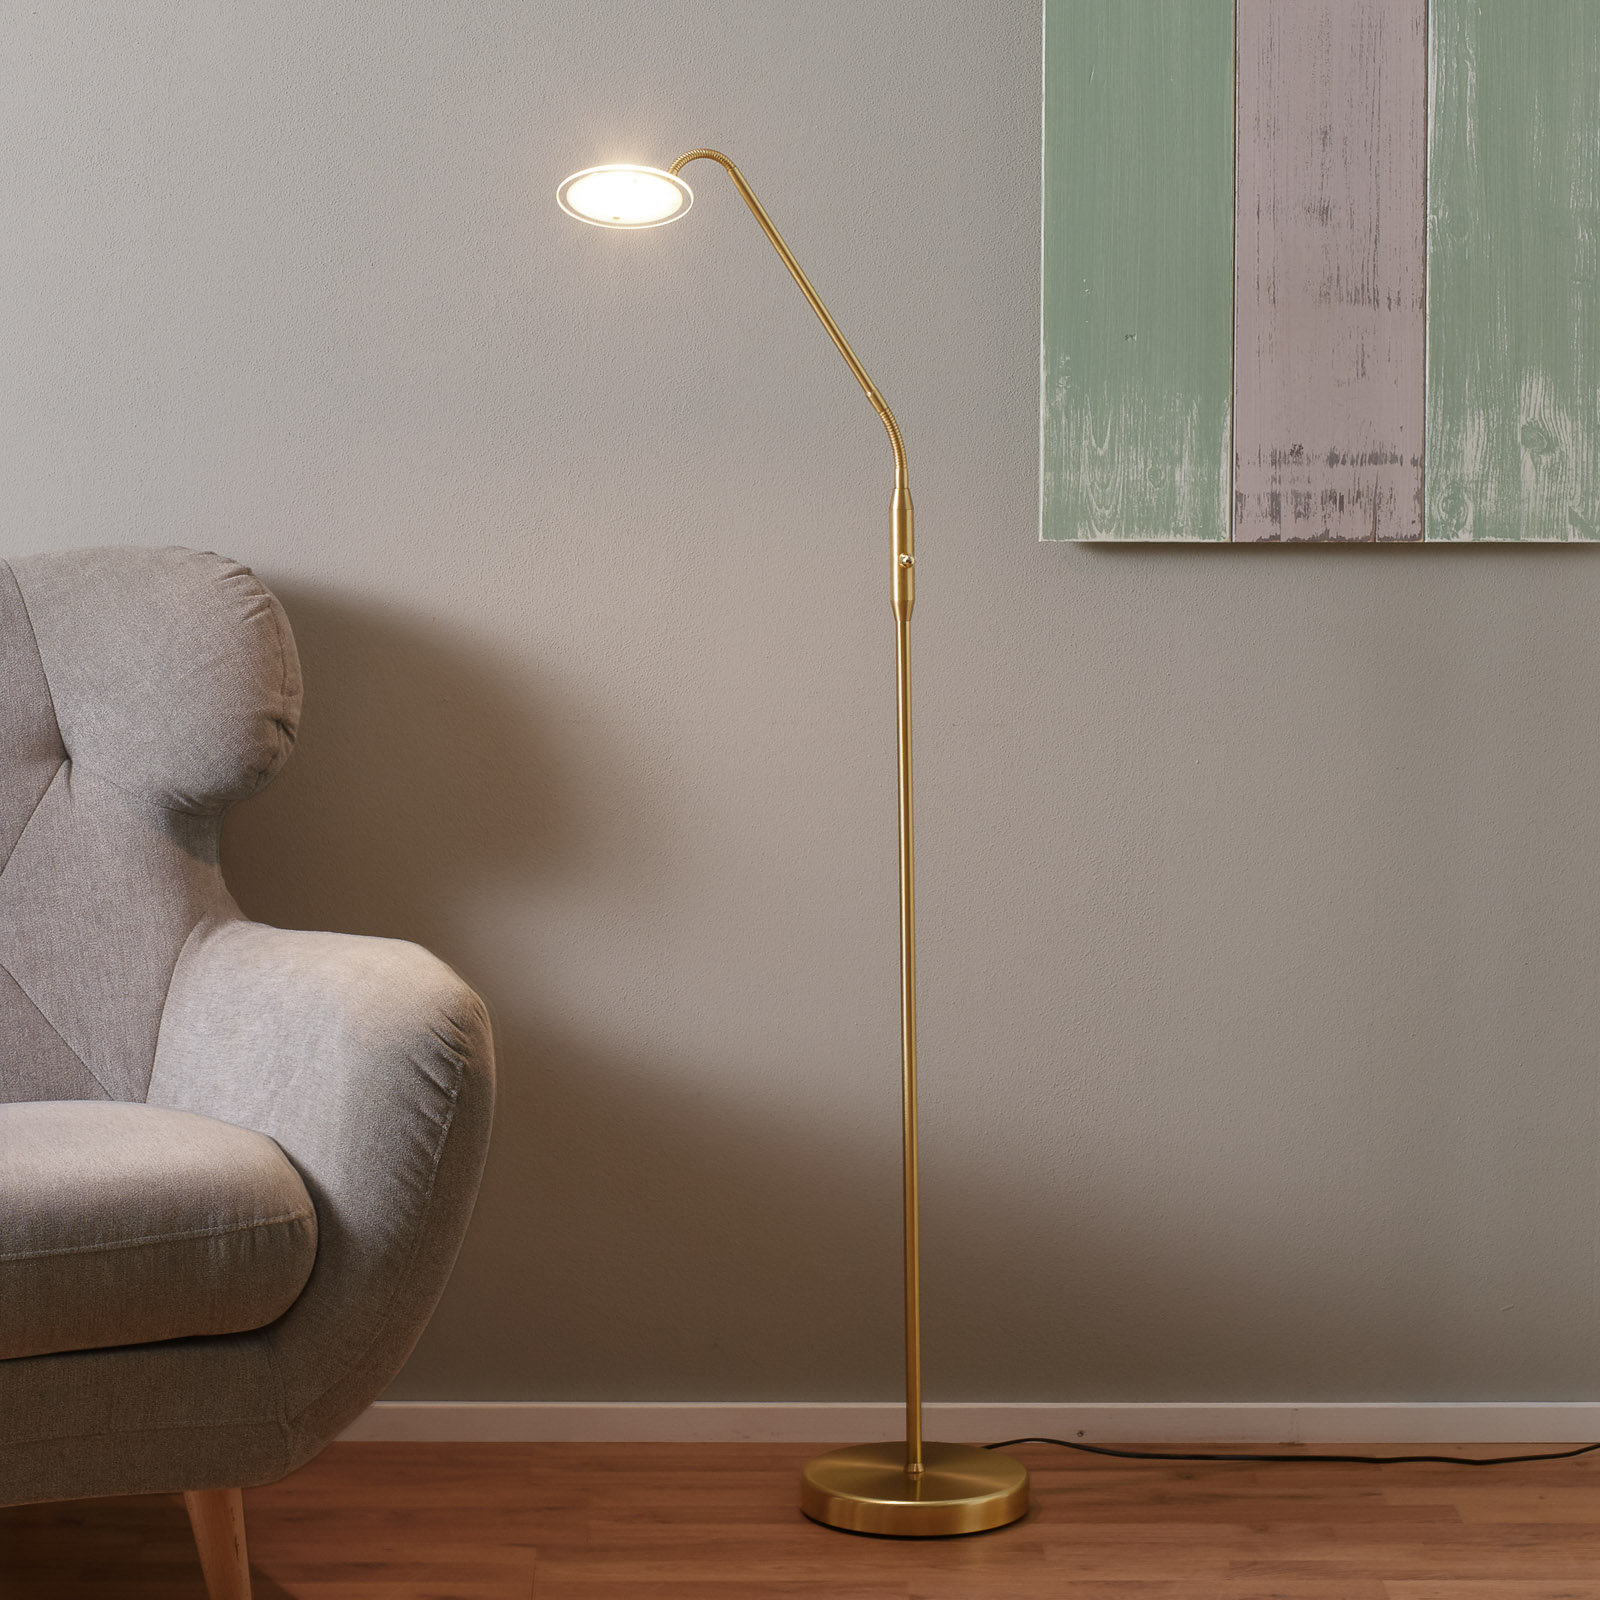 LED-lattiavalaisin Twin, 1-lamppuinen, messinki